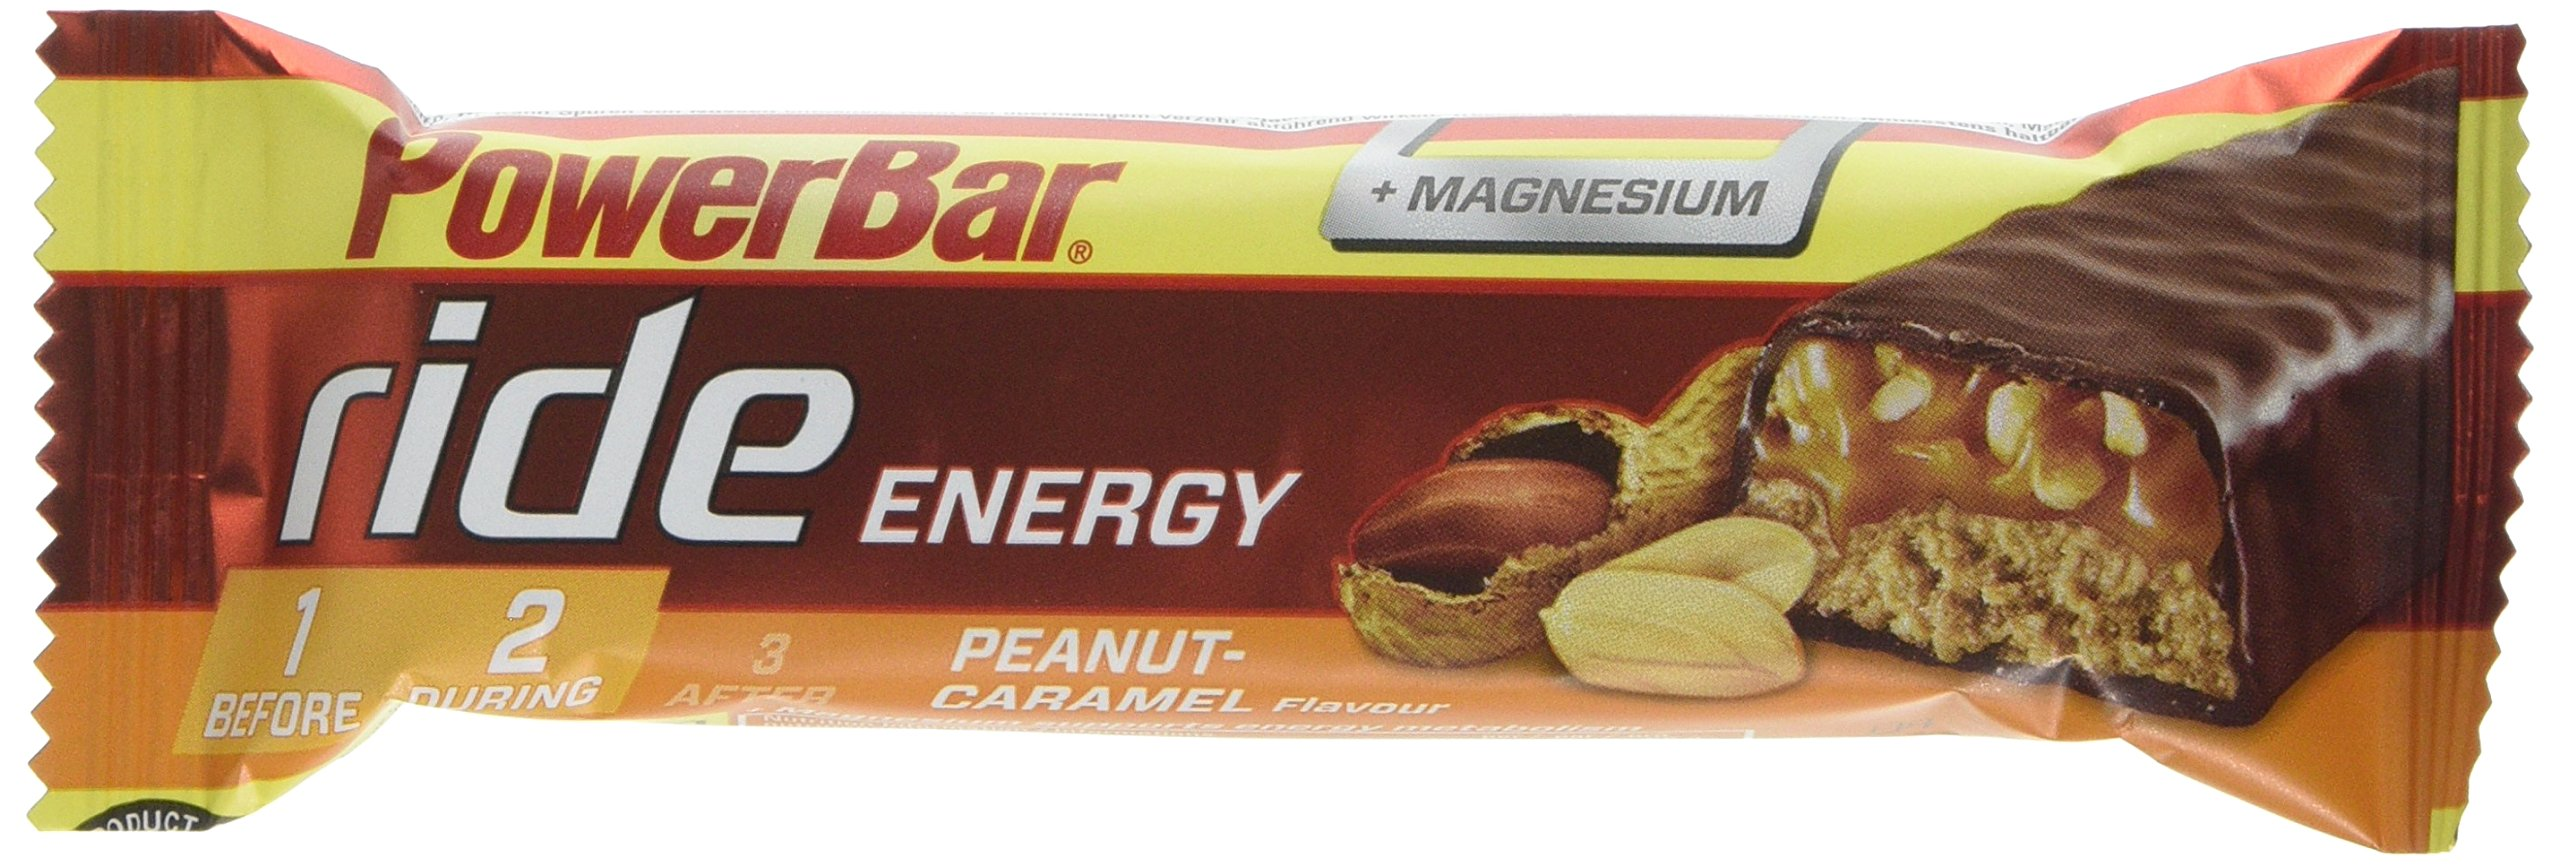 Powerbar Ride Bar Peanut Caramel Bars - Pack of 18 Bars product image